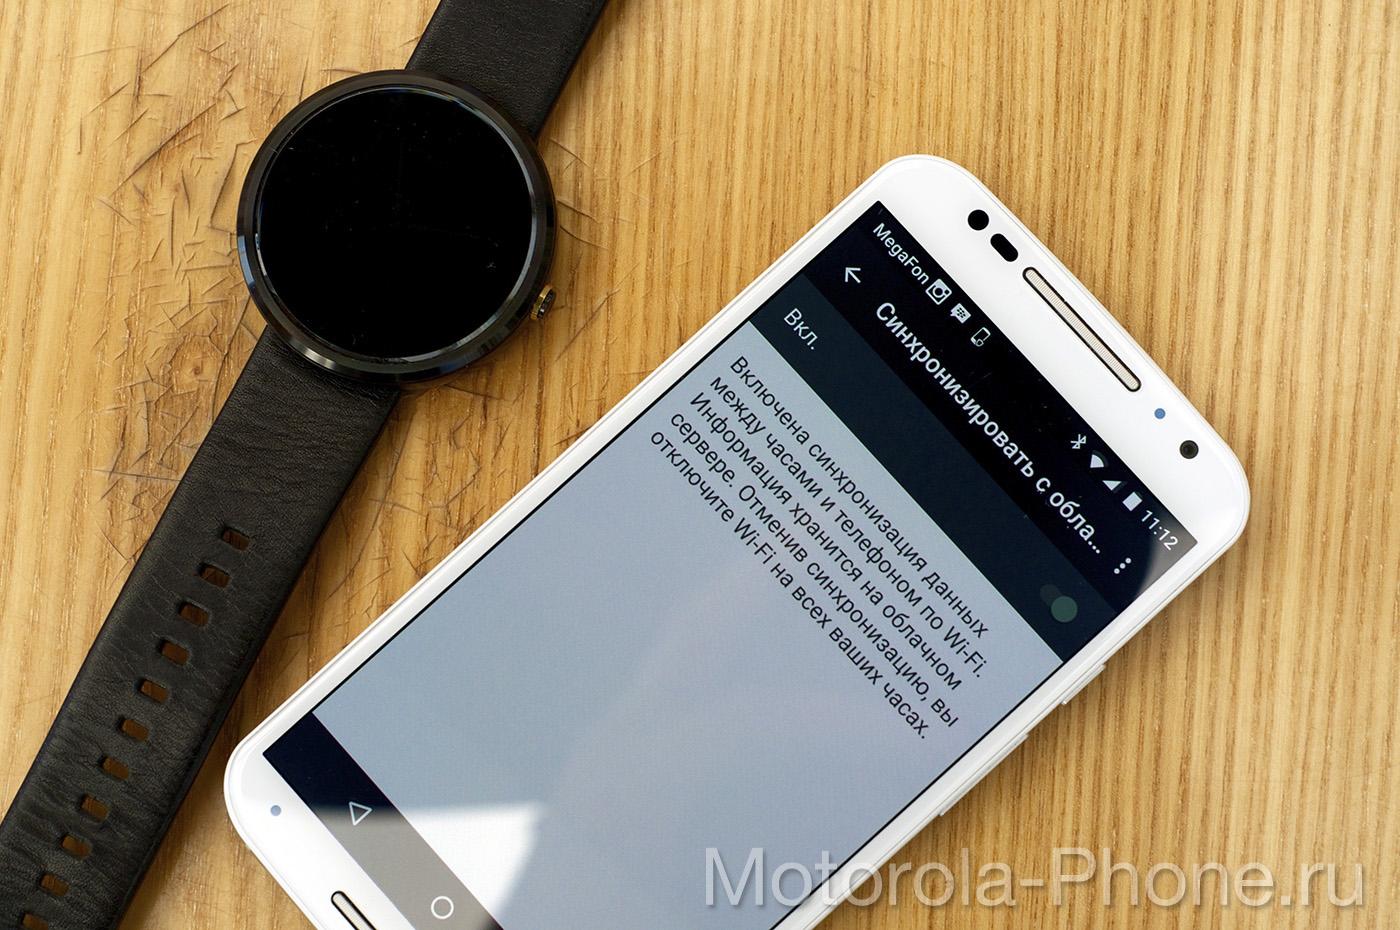 Motorola-Moto-360-Android-Wear-5-1-20 copy